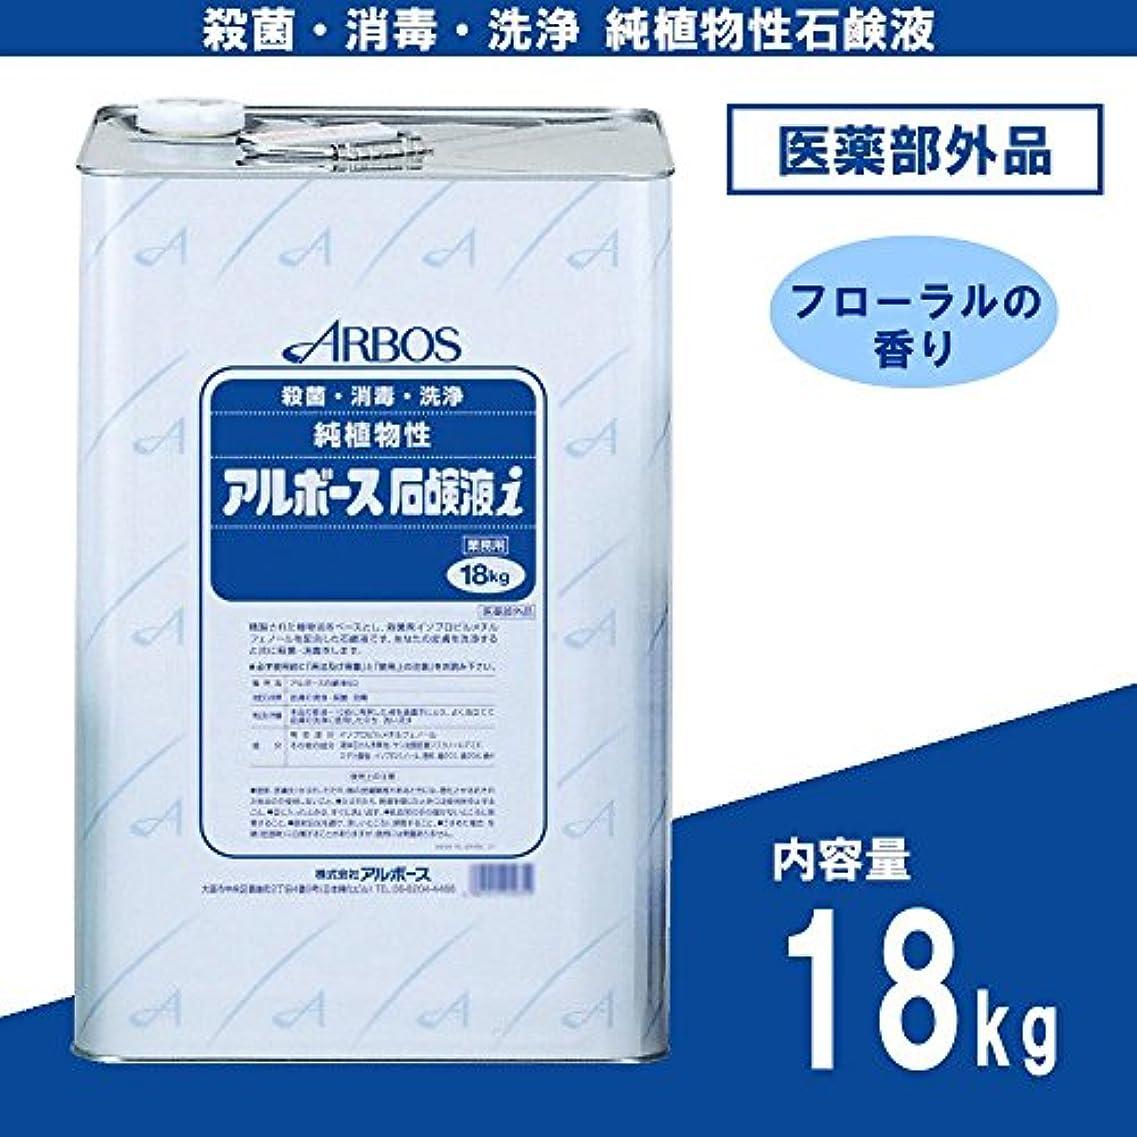 幸福かわすレッドデートアルボース 業務用純植物性石鹸液 石鹸液i フローラルの香り 18kg 01031 (医薬部外品)